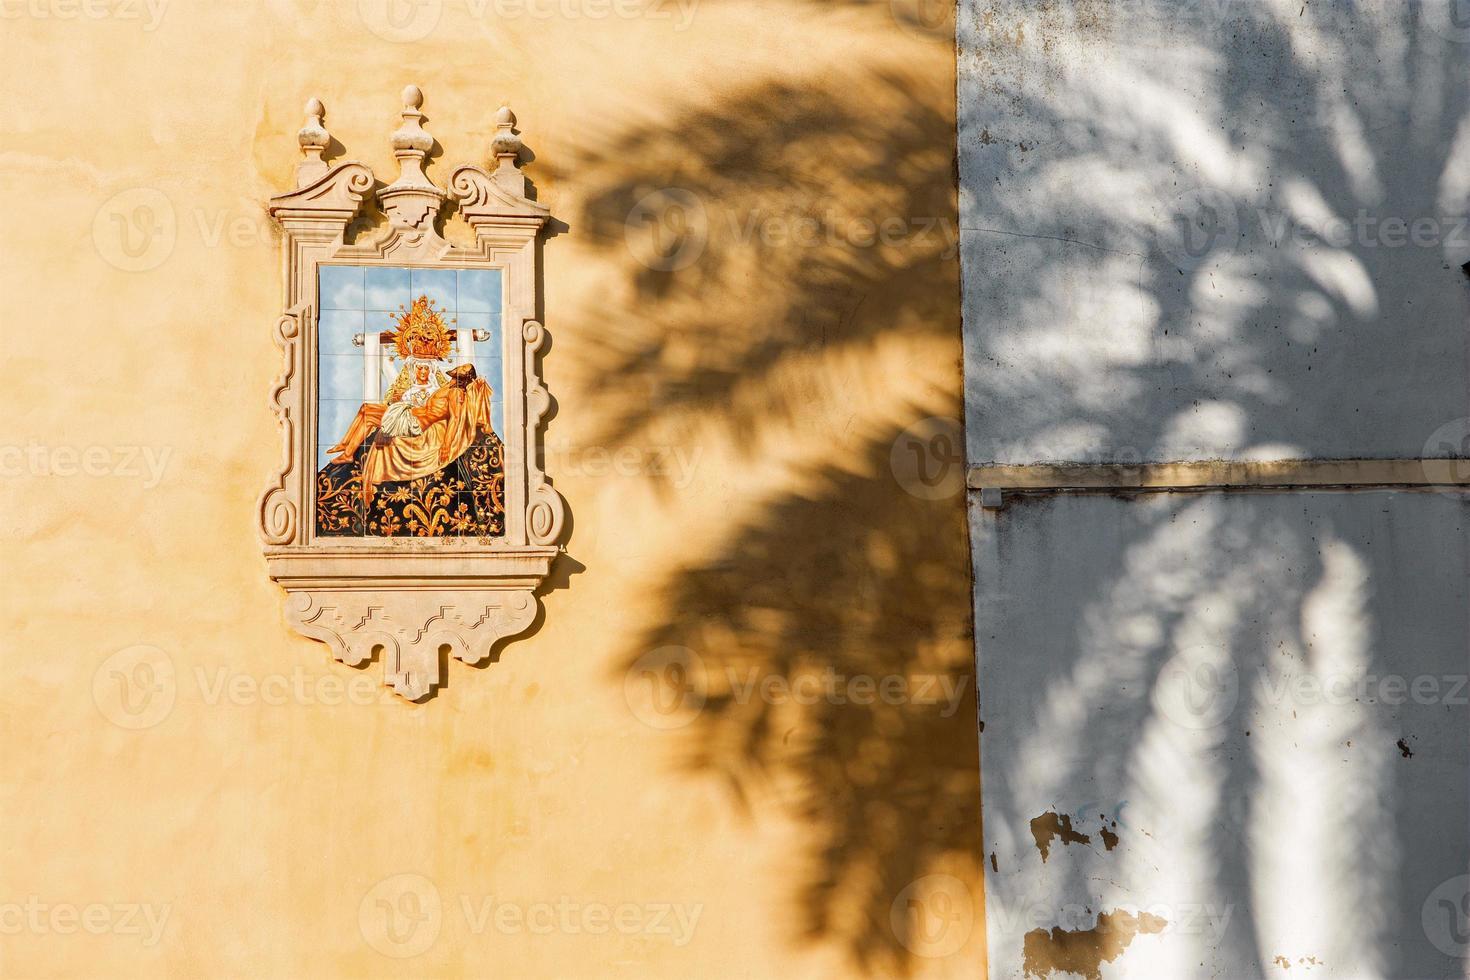 Cordoue - pieta en céramique sur la façade de l'église photo